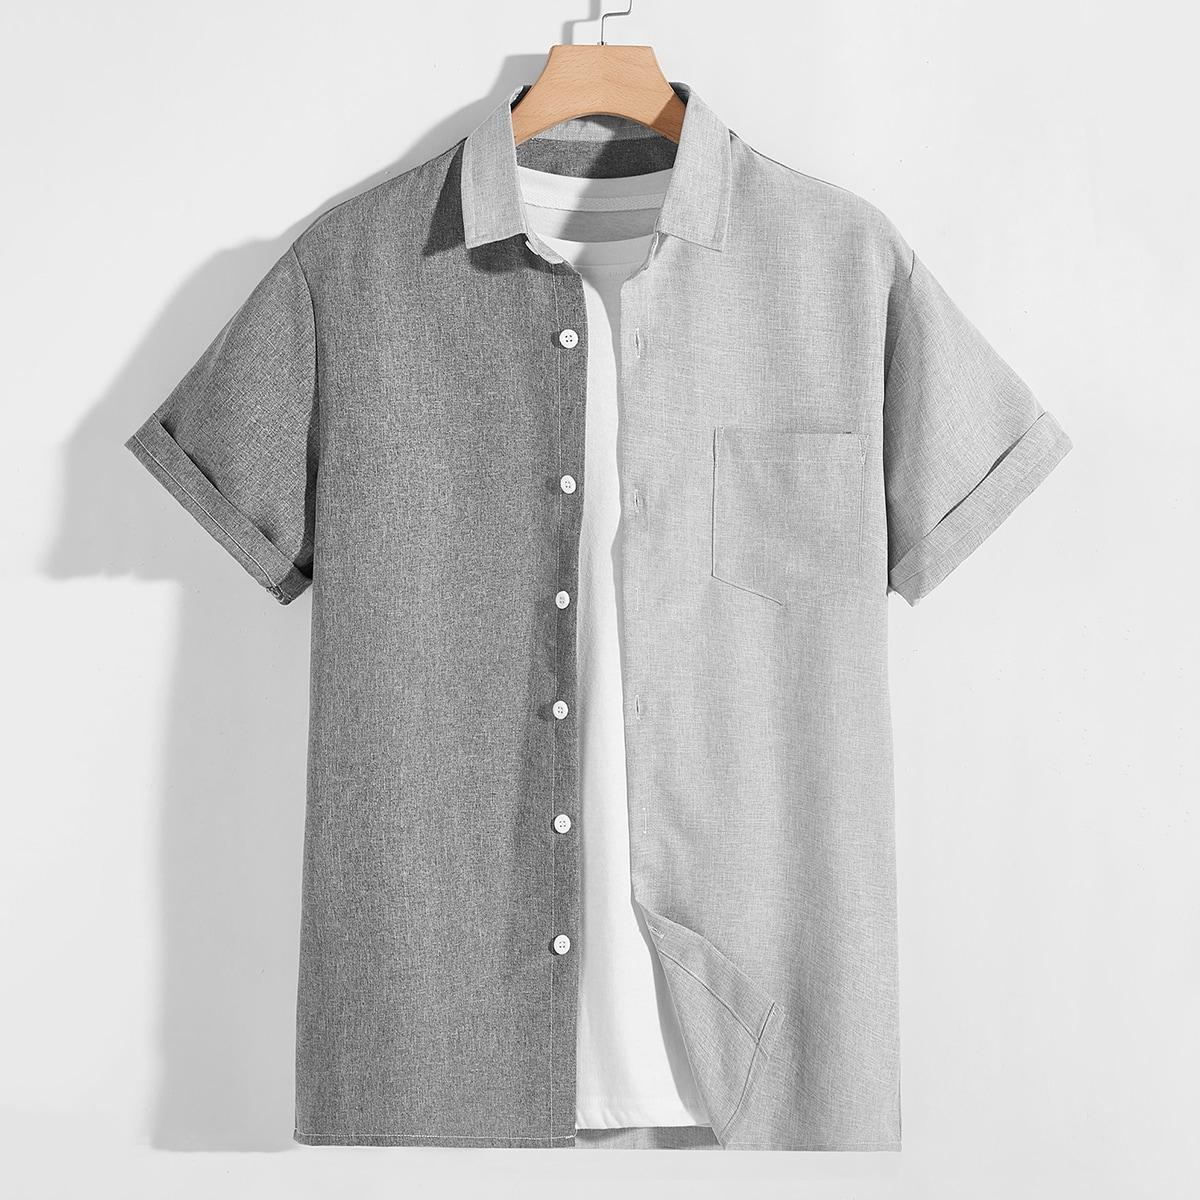 Мужской Рубашка комбинированным принтом на пуговицах